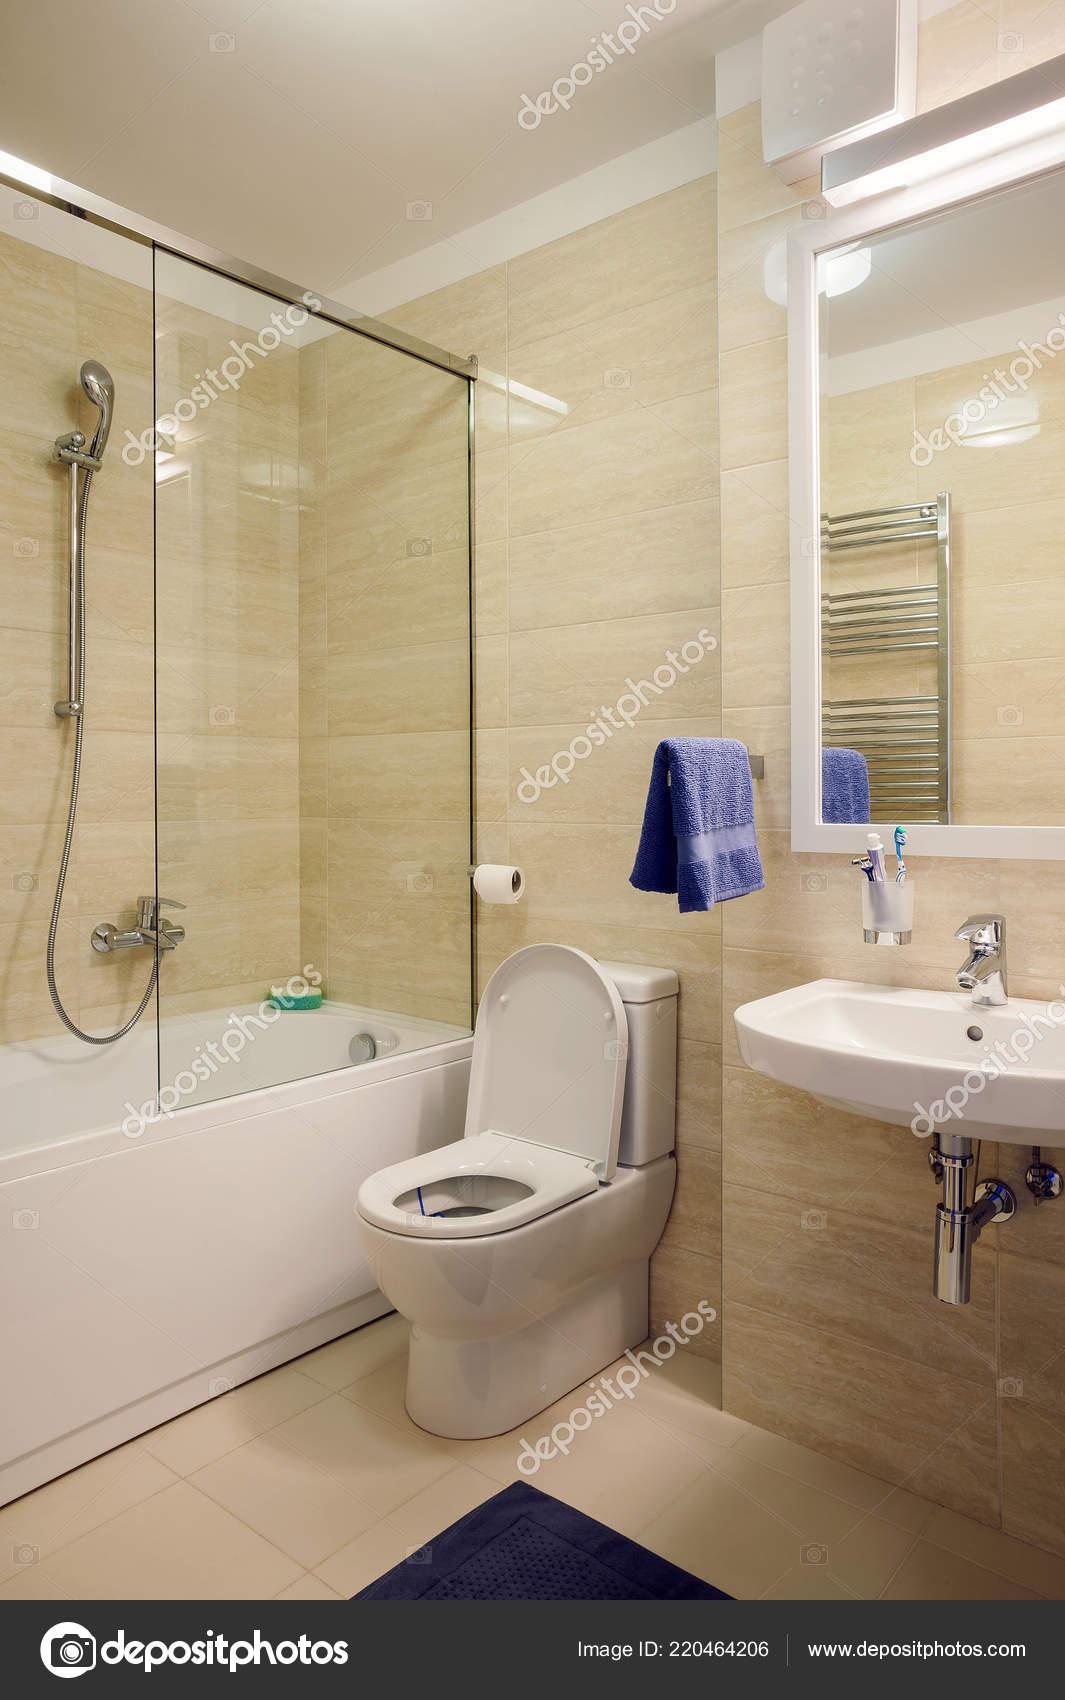 Interior apartamento peque o moderno cuarto ba o detalles for Banos modernos para apartamentos